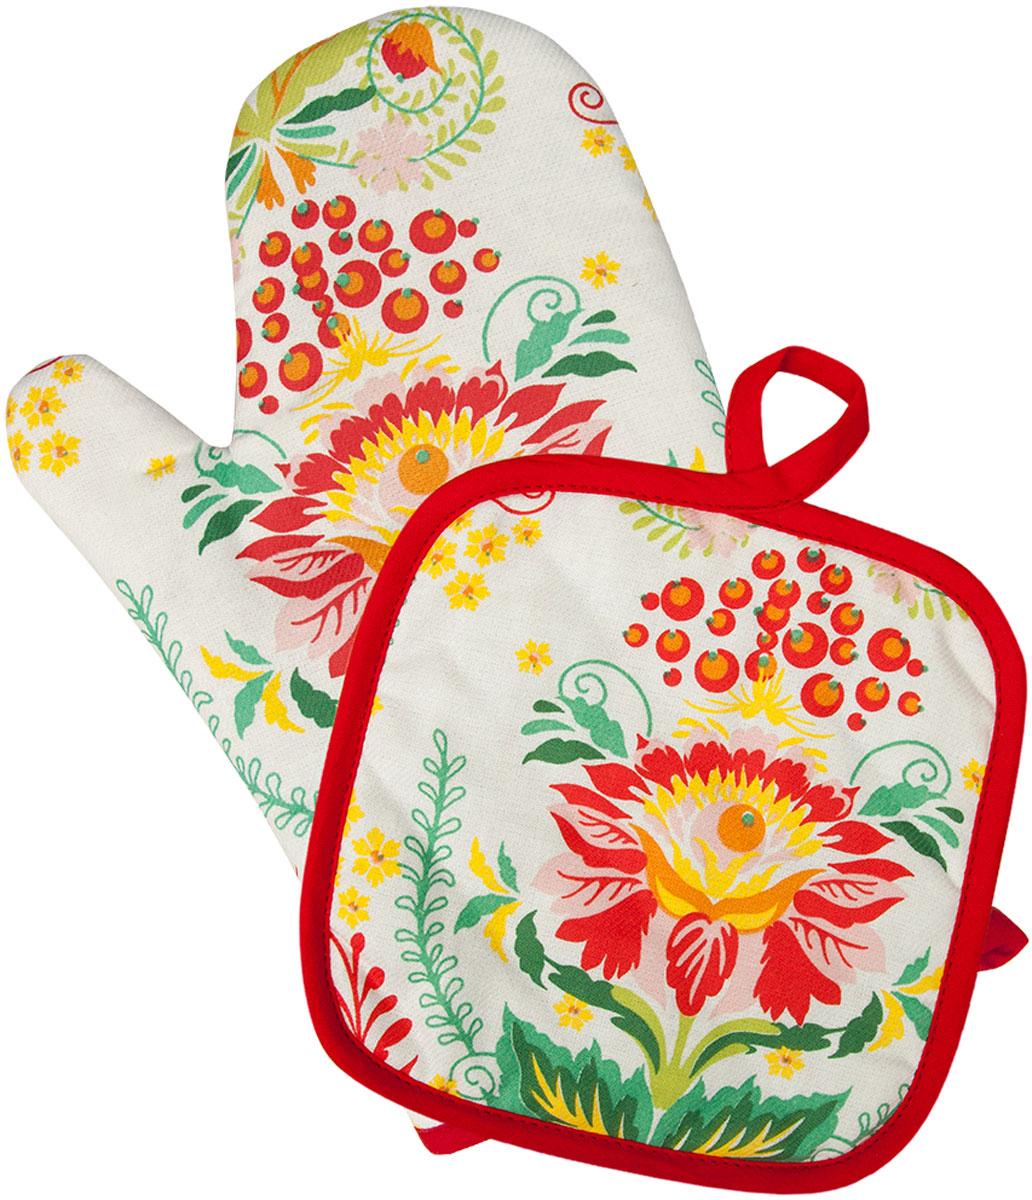 Набор прихваток Bonita Калинка, 2 предмета рукавицы прихватки фартуки karna фартук с салфеткой ainslie цвет зеленый